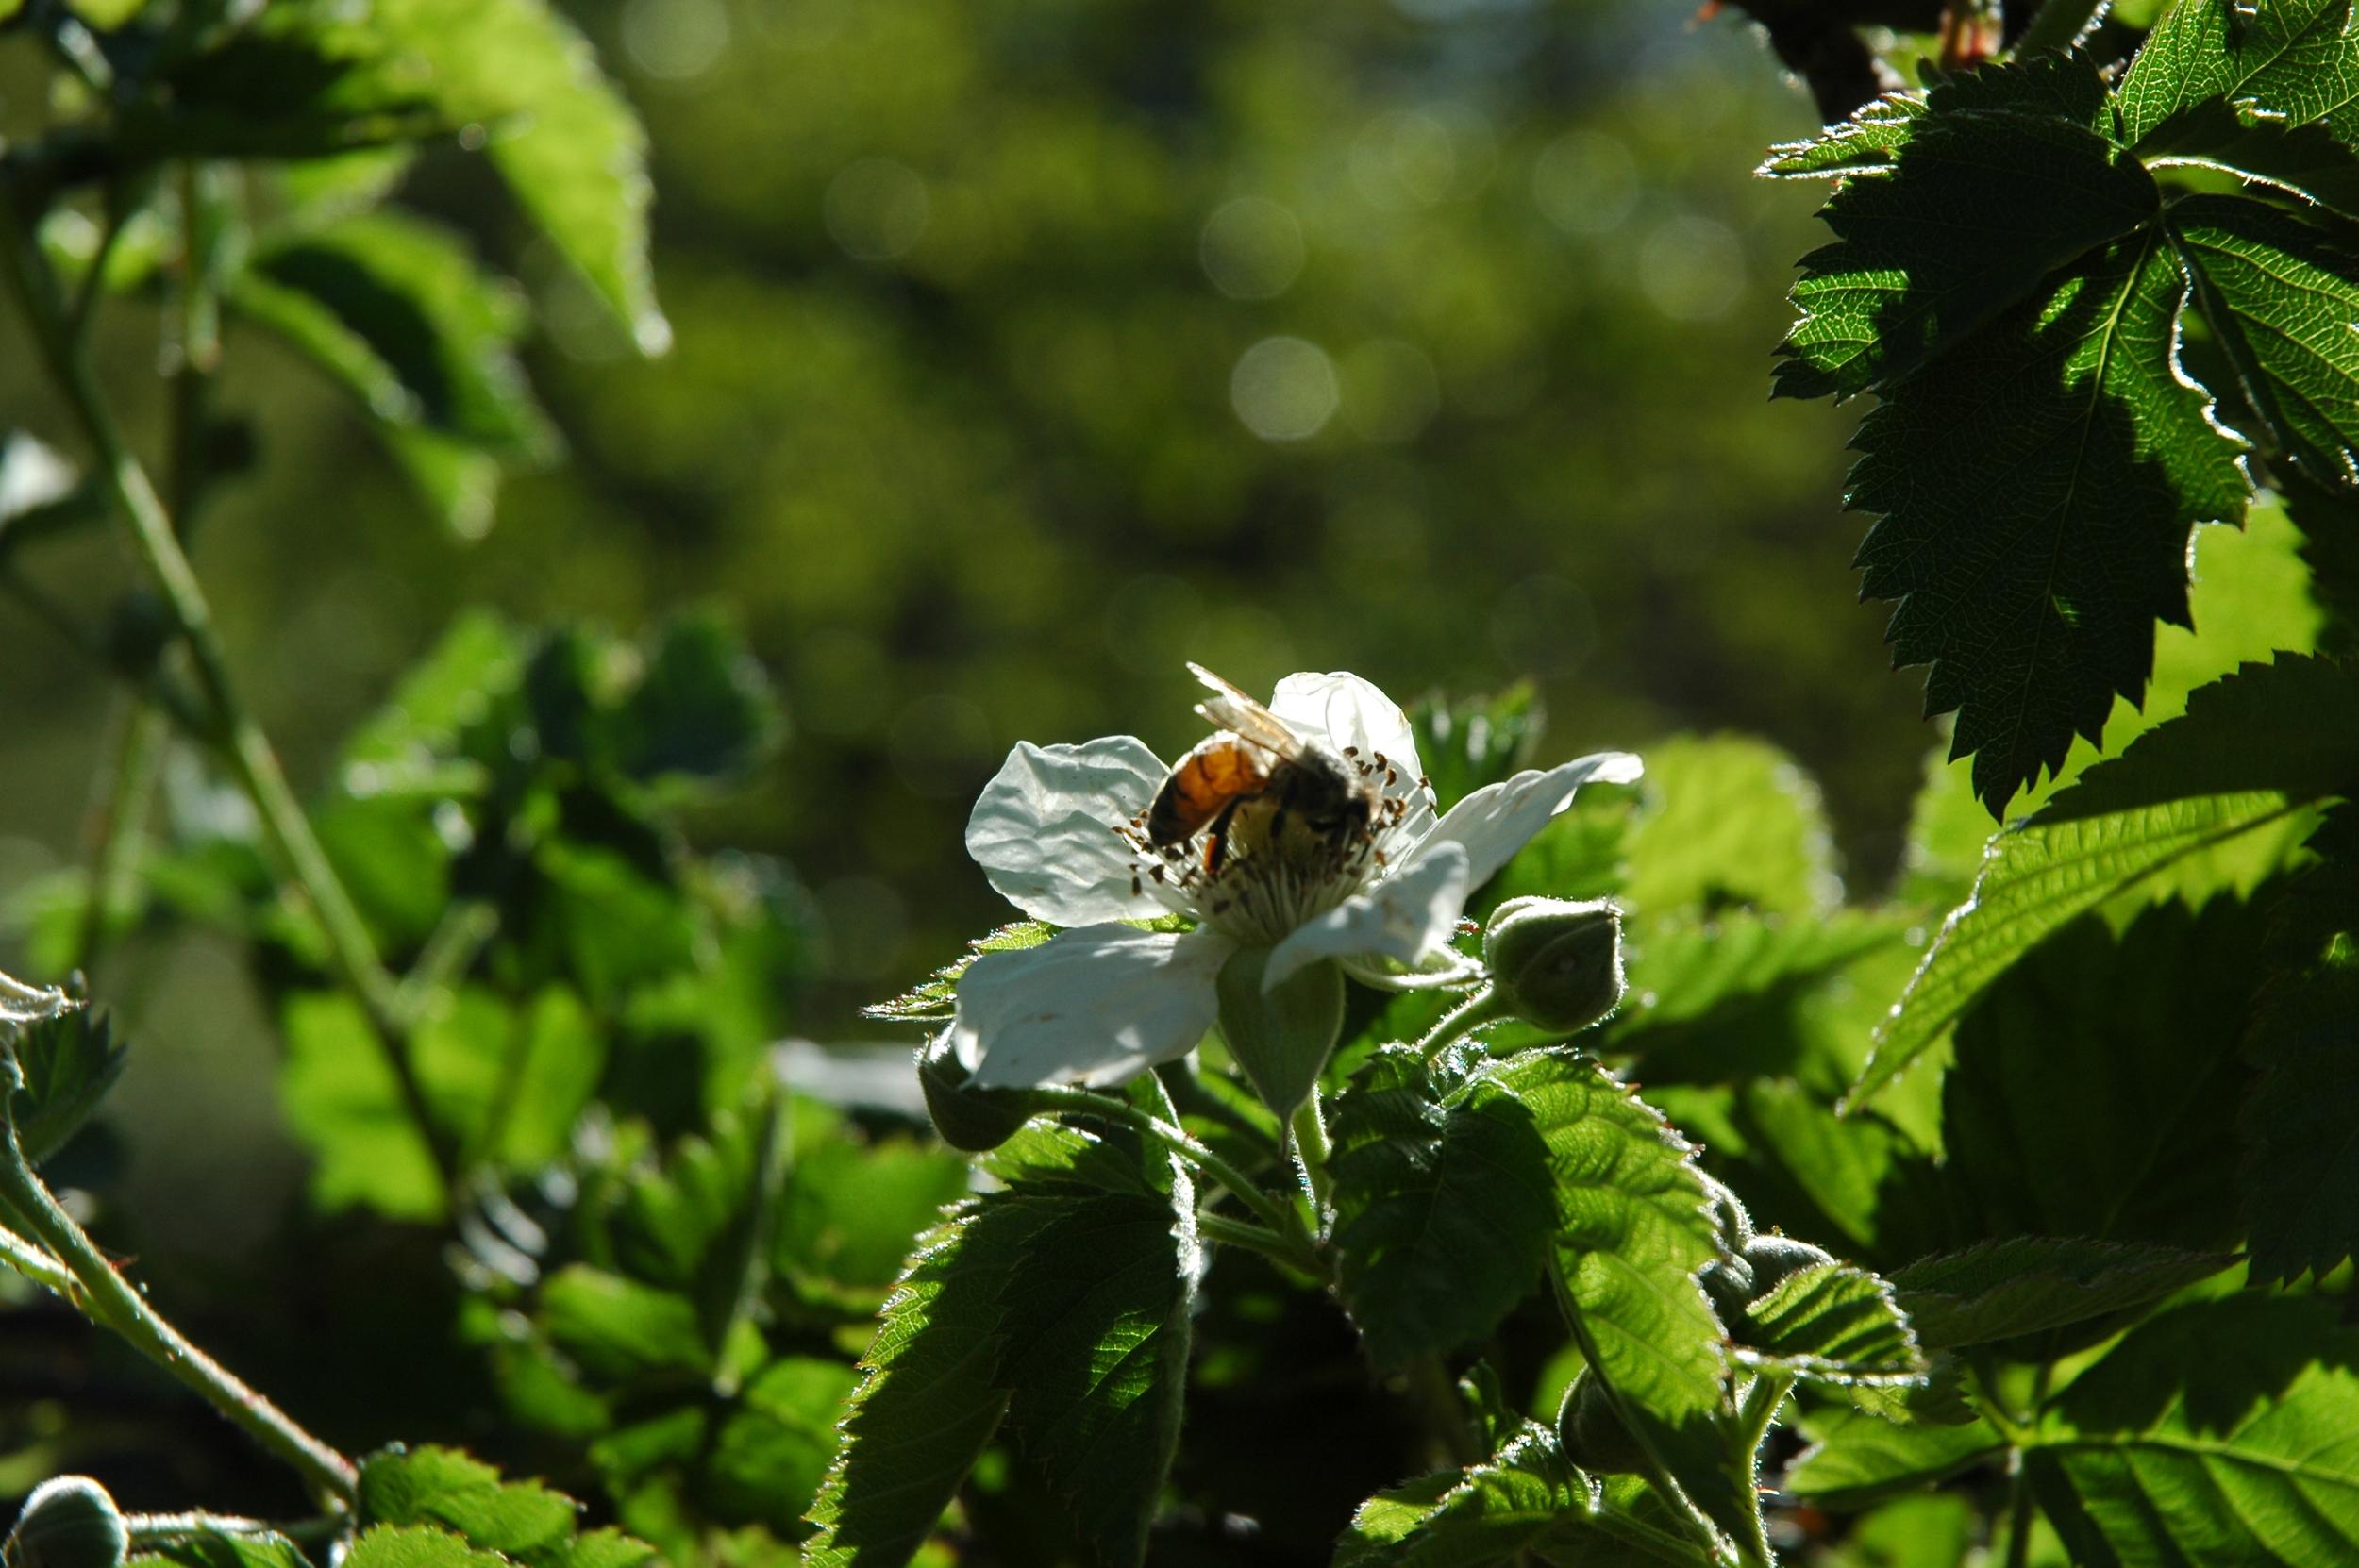 Honeybee on Olallieberry blossom